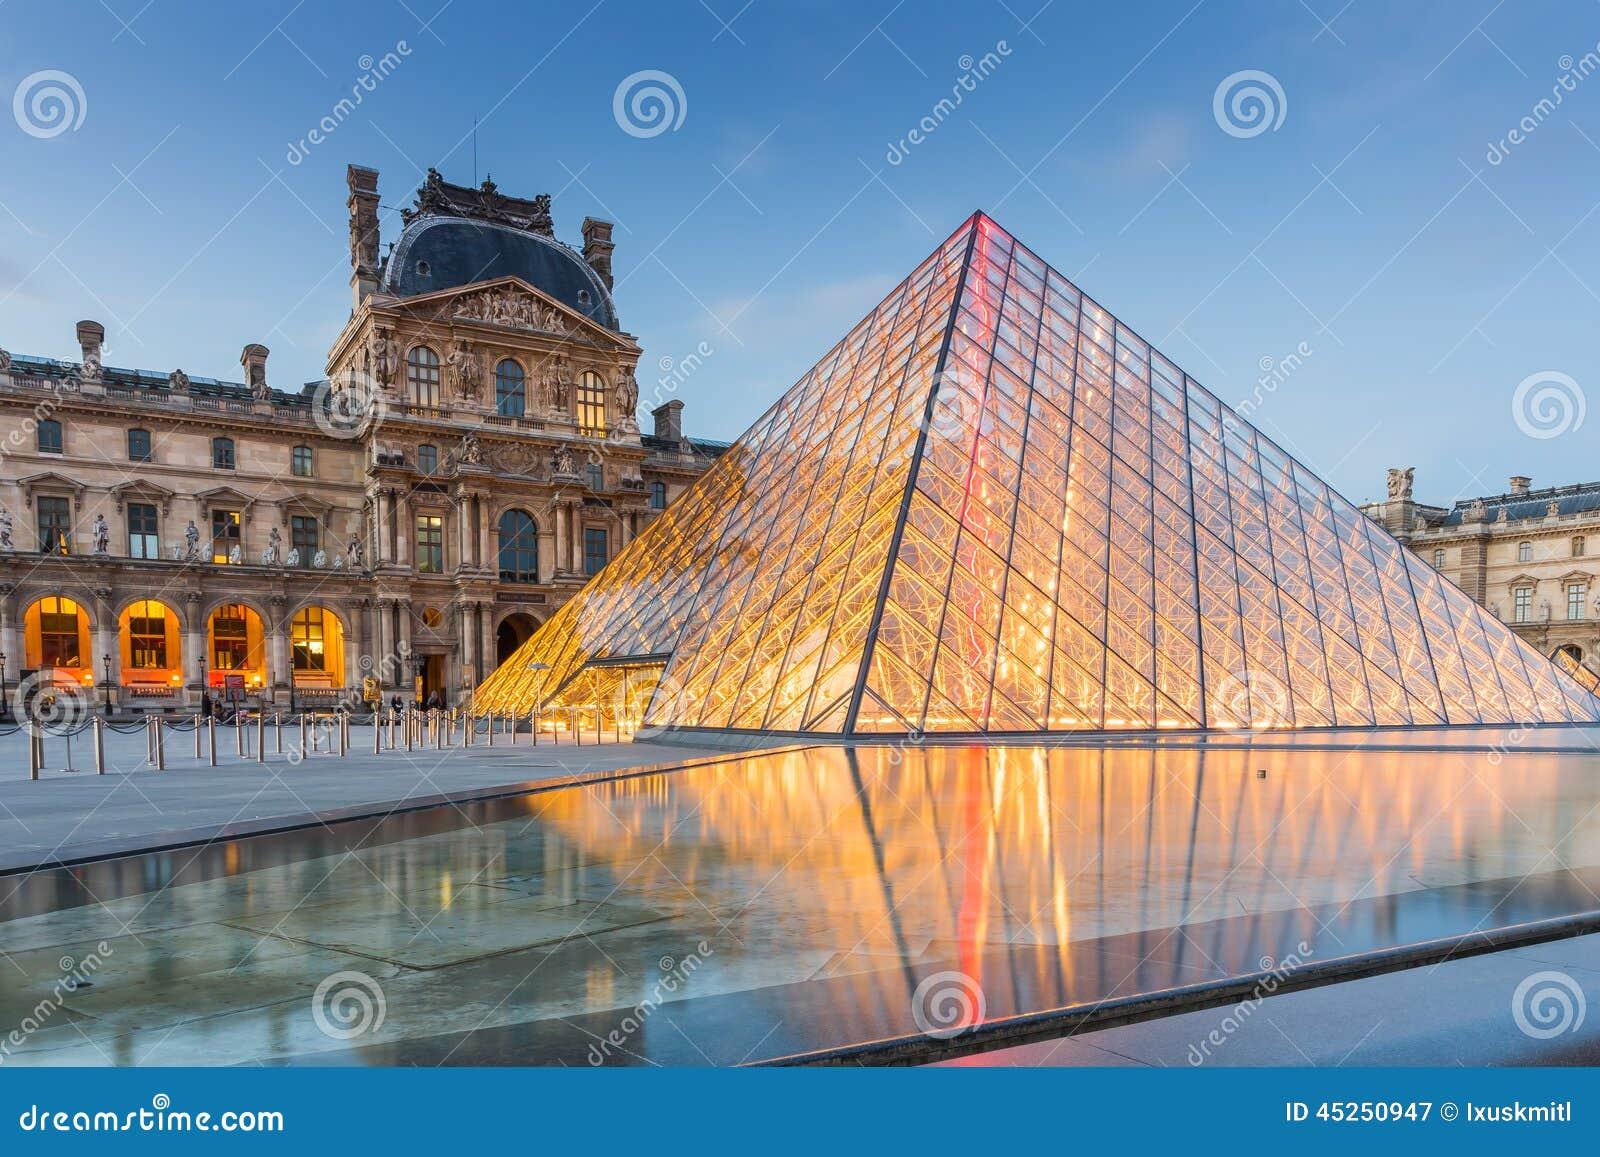 Museo della feritoia a parigi francia fotografia for Architettura a parigi